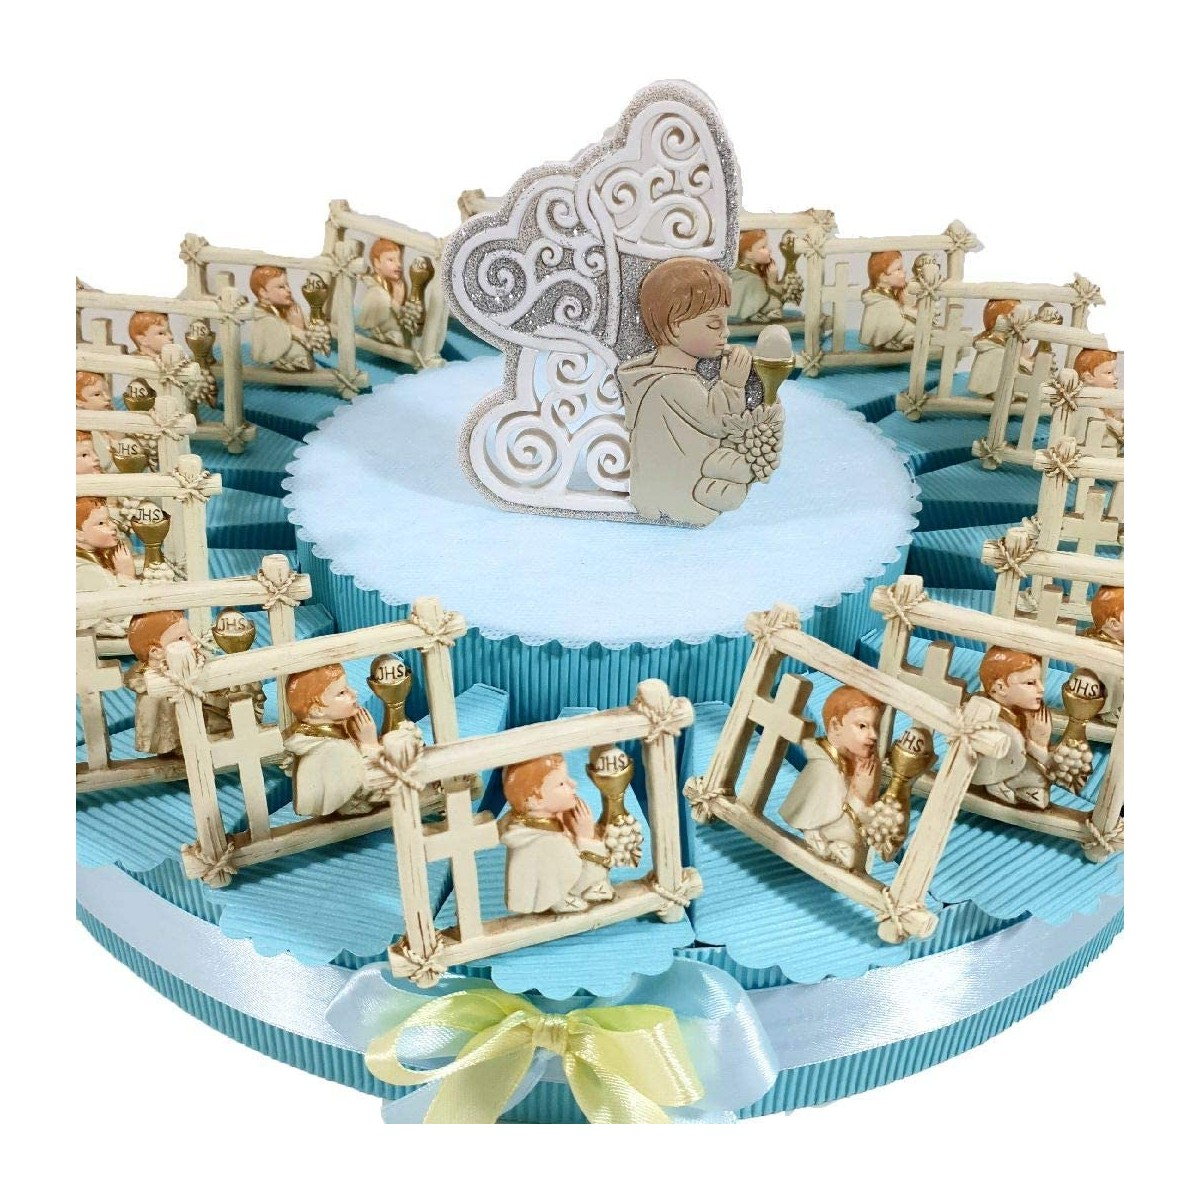 Torta bomboniere Prima Comunione da 80 x 3 x 50 cm, con 20 bomboniere